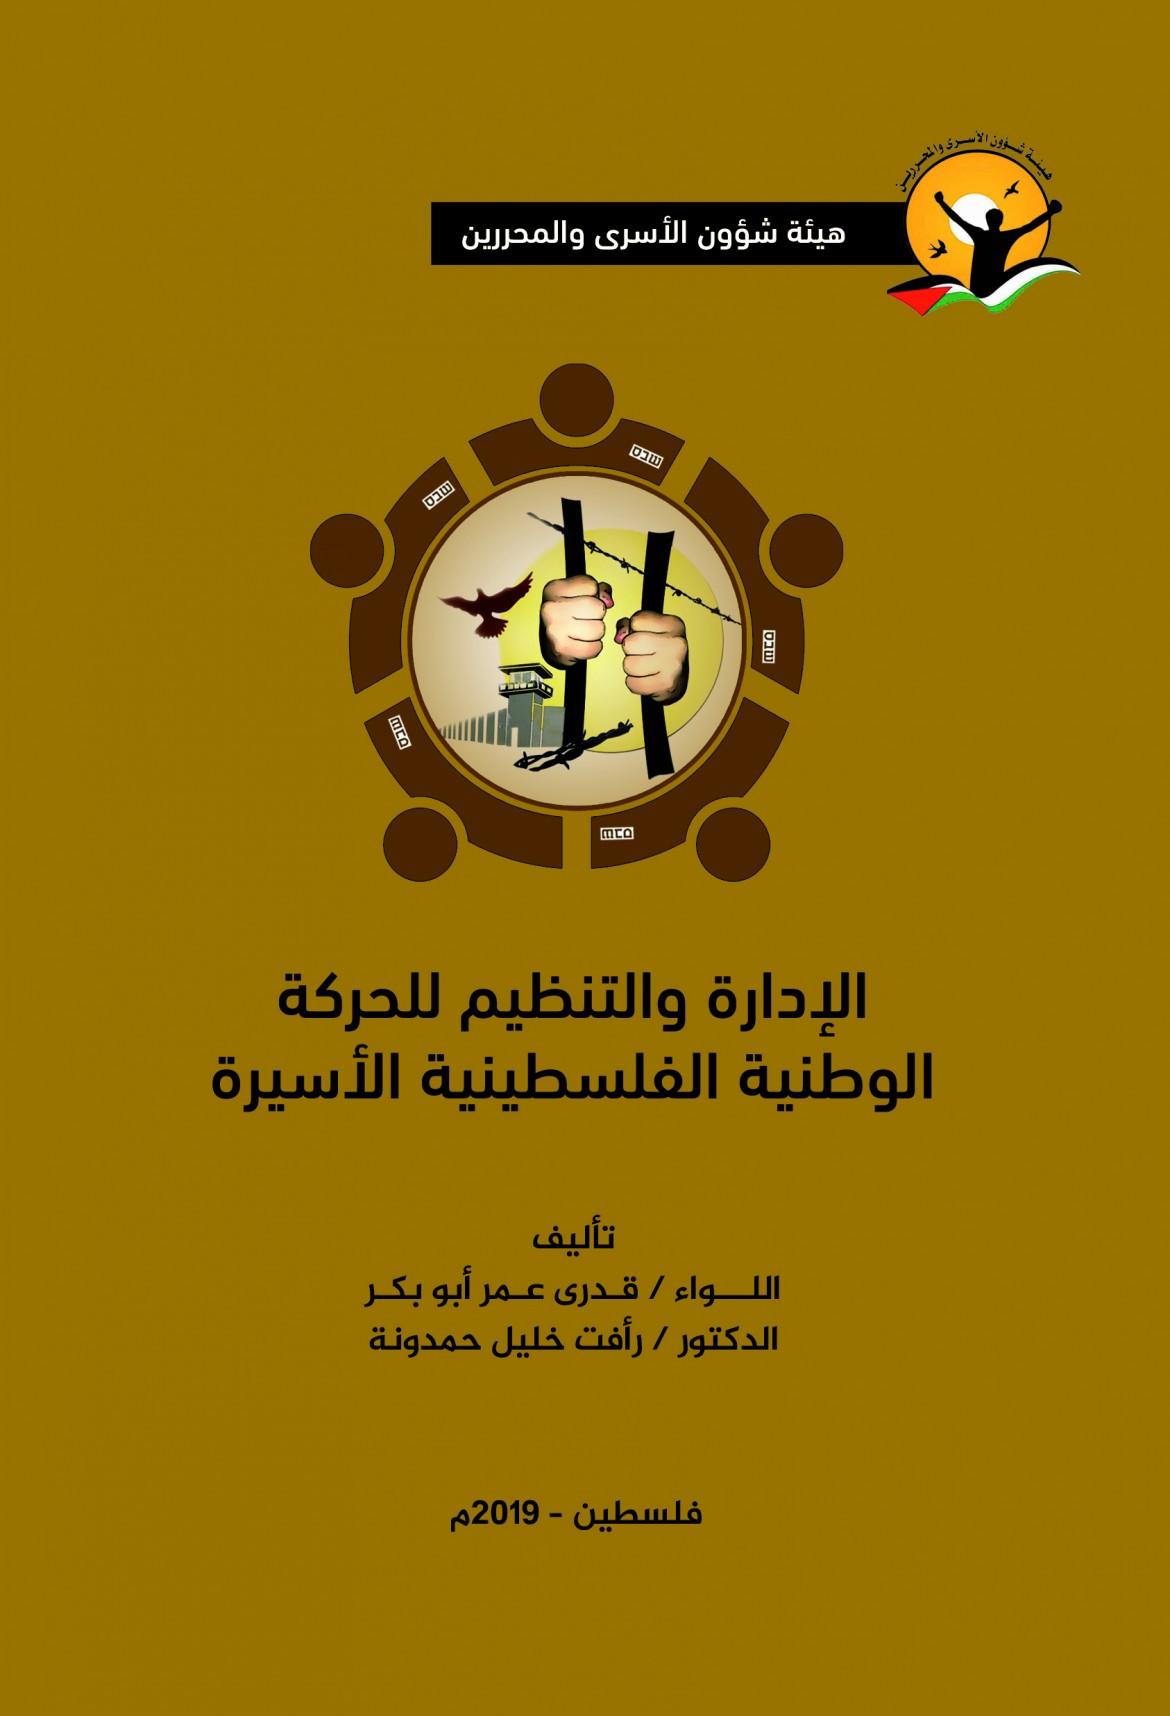 غلاف كتاب الإدارة والتنظيم للحركة الأسيرة للكاتبين اللواء قدرى ابو بكر والدكتور رأفت حمدونة